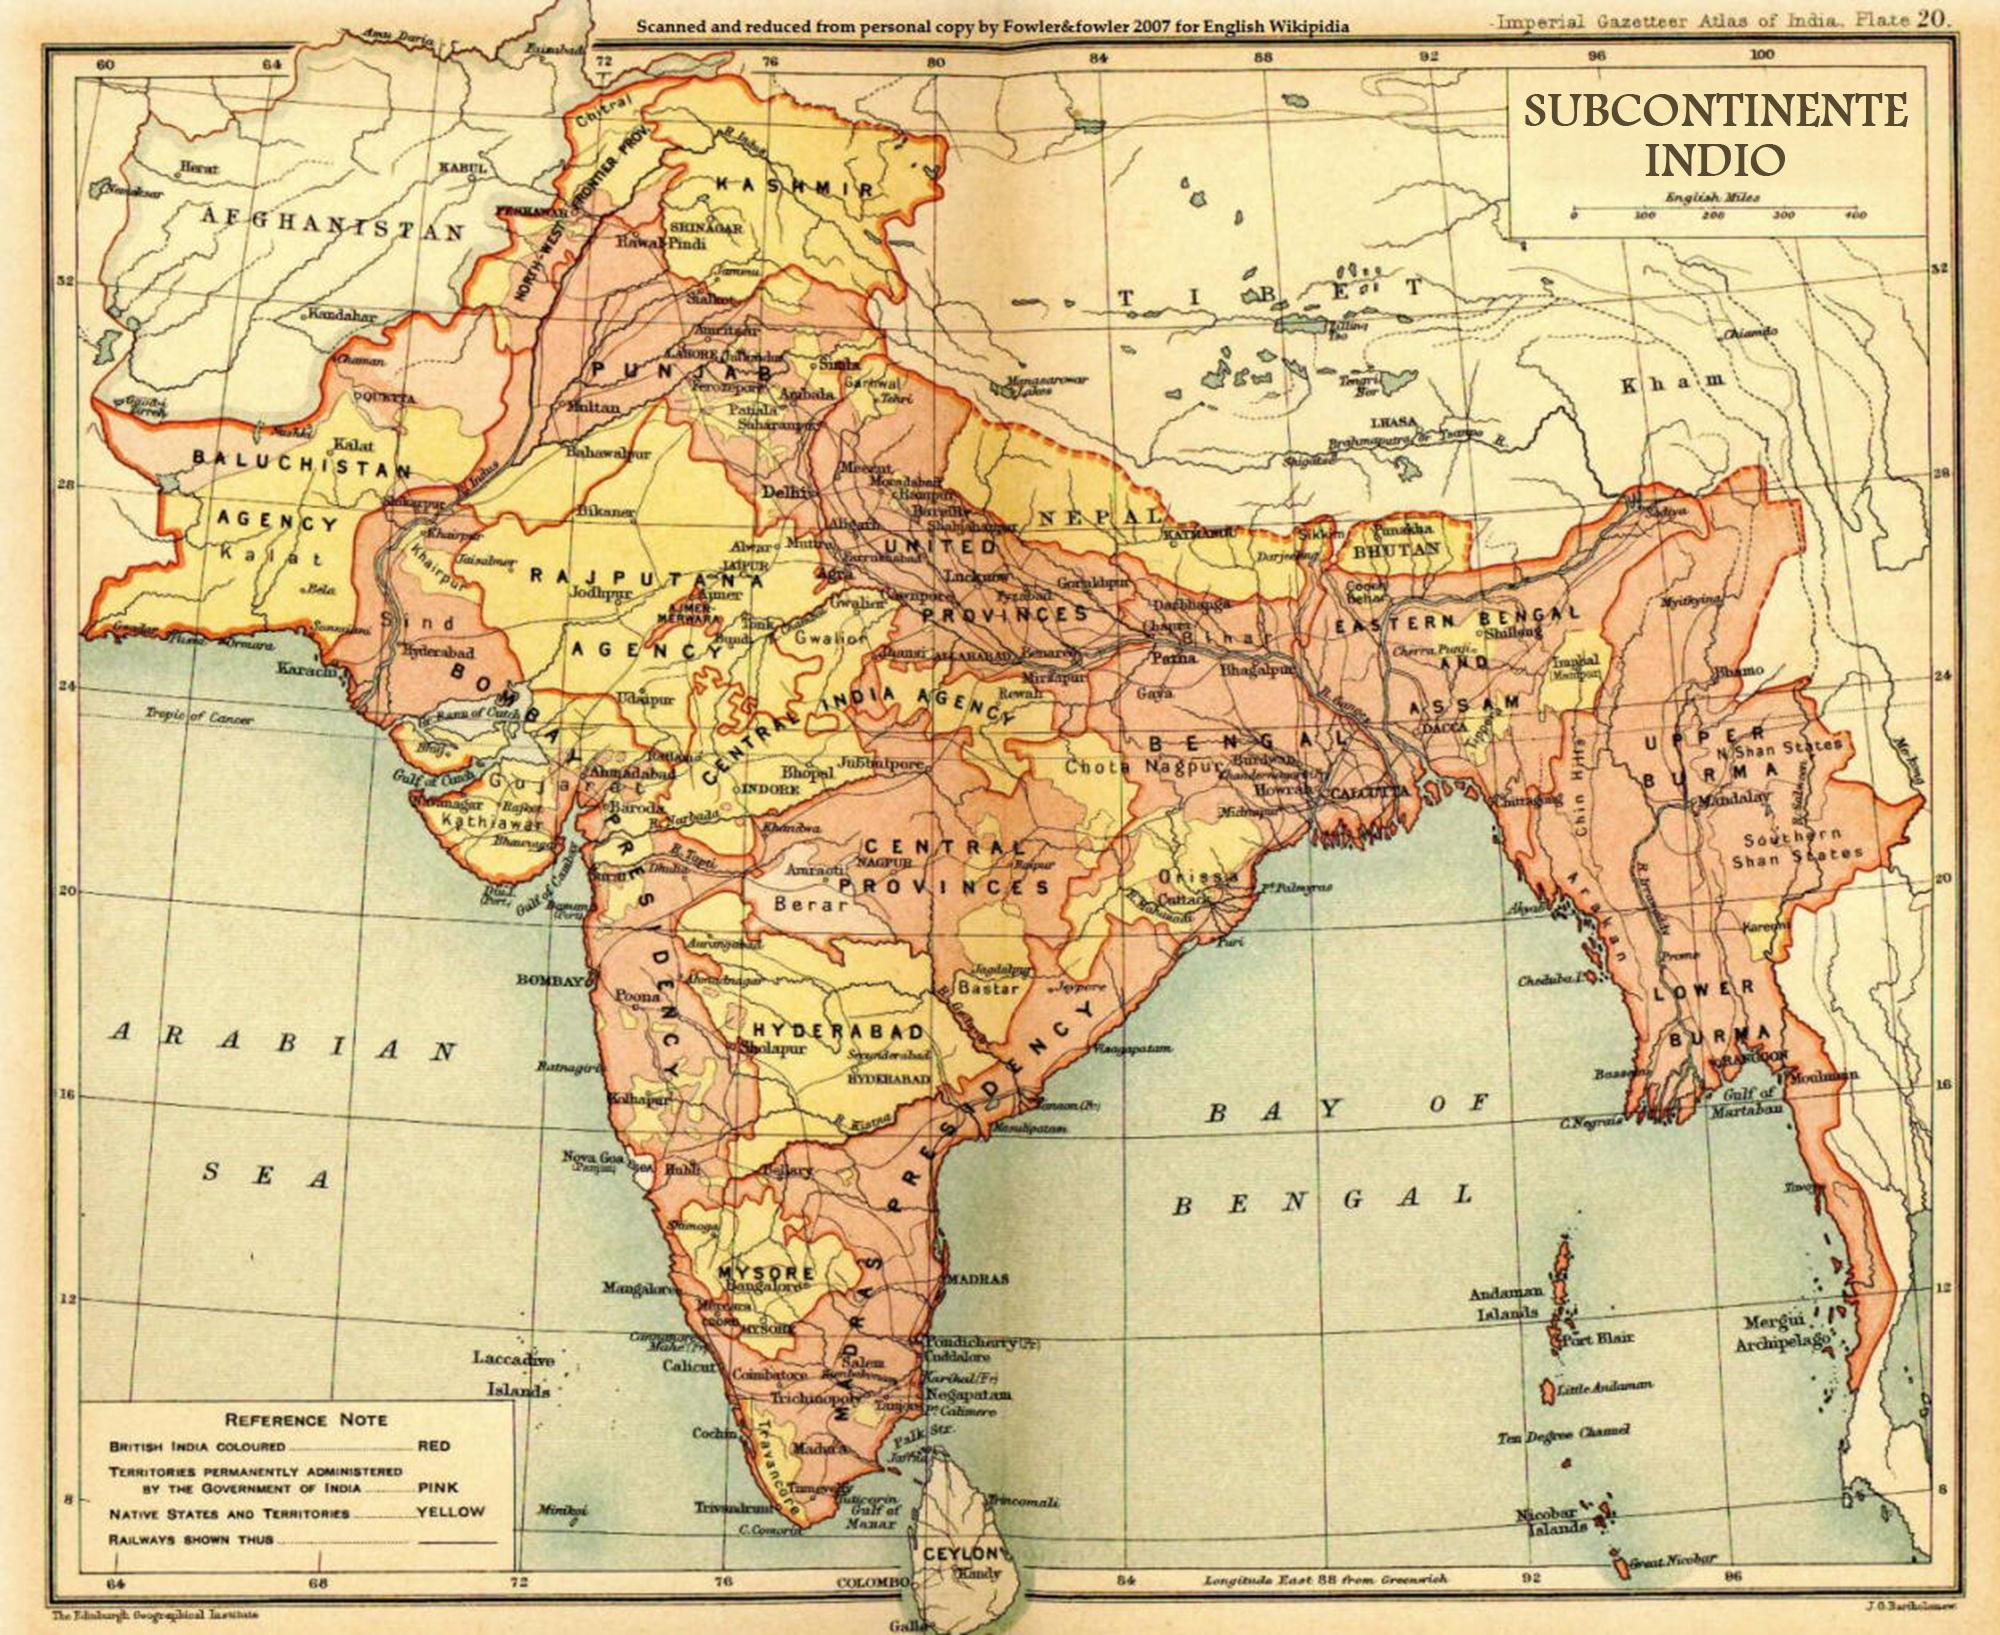 Mapa de la extensión territorial del Subcontinente indio